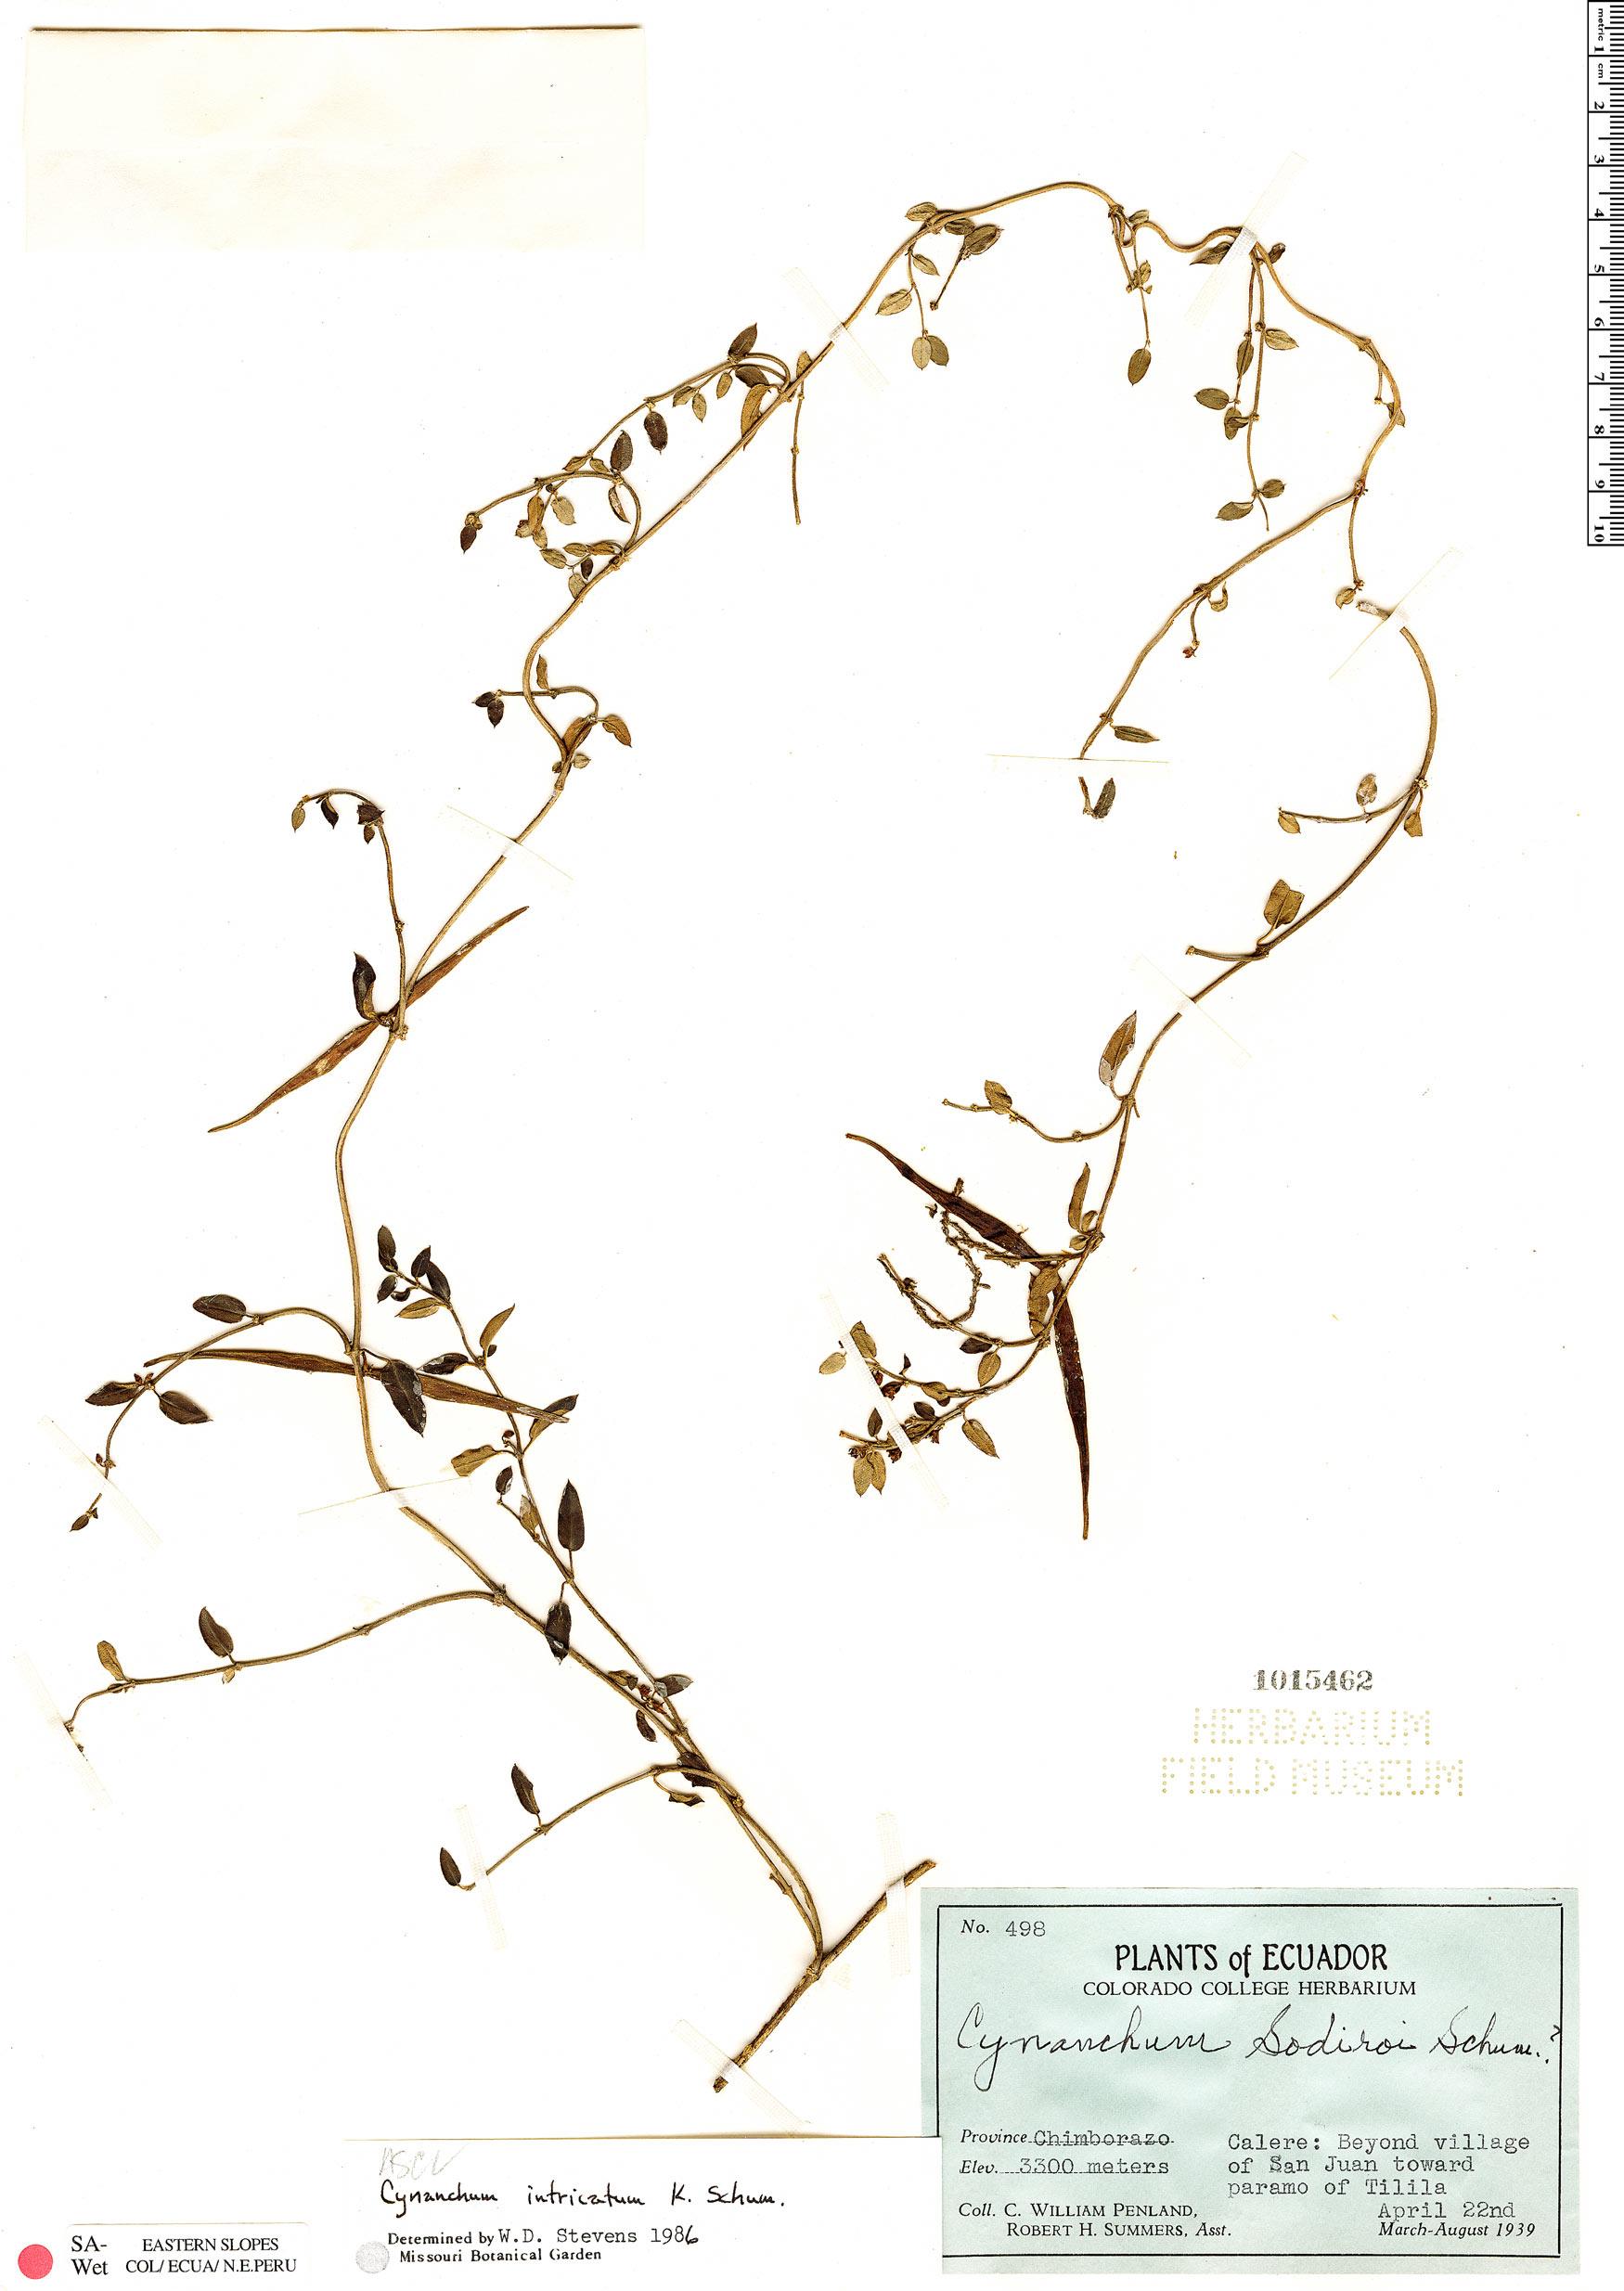 Specimen: Cynanchum intricatum